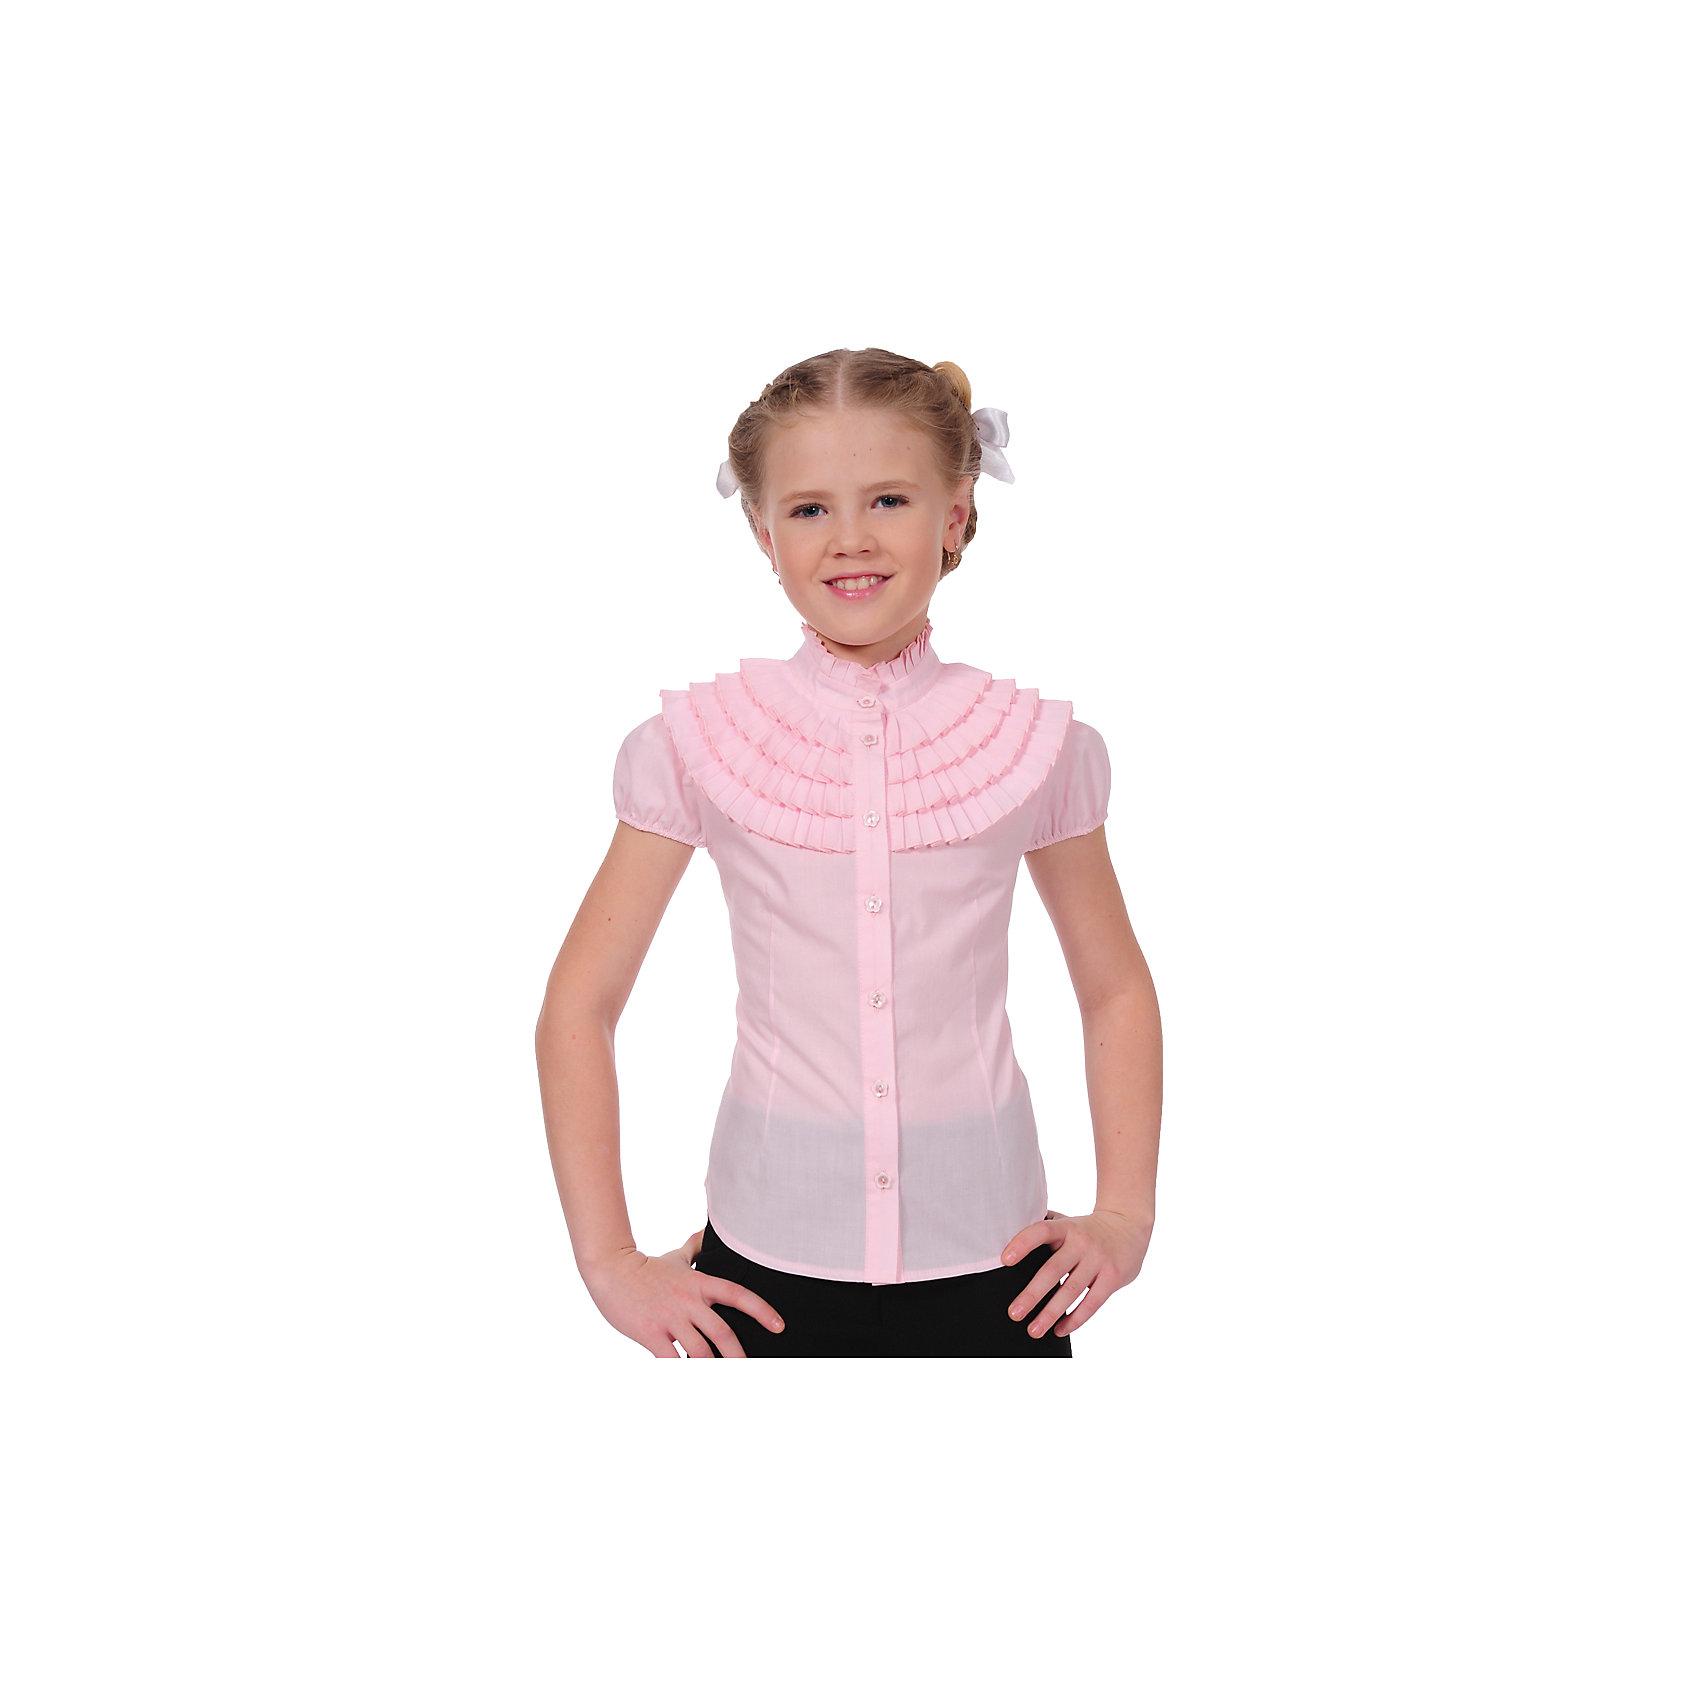 Блузка Клео для девочки SkylakeБлузки и рубашки<br>Характеристики товара:<br><br>• цвет: розовый<br>• материал: 65% полиэстер, 35% хлопок<br>• классический силуэт<br>• воротник: стойка<br>• застежки: пуговицы<br>• декорирована оборками<br>• короткие рукава<br>• страна бренда: Российская Федерация<br>• страна производства: Российская Федерация<br><br>Школьная блузка с коротким рукавом для девочки. Розовая блузка застегивается спереди на планку с пуговицами. Воротник стойка с плиссированной оборкой. Рукава-фонарики на резинке. Верхняя часть грудки украшена несколькими рядами плиссированных оборок. Полочки и спинка с талиевыми вытачками.<br><br>Блузку Клео для девочки от бренда SKY LAKE (Скай Лэйк) можно купить в нашем интернет-магазине.<br><br>Ширина мм: 186<br>Глубина мм: 87<br>Высота мм: 198<br>Вес г: 197<br>Цвет: розовый<br>Возраст от месяцев: 132<br>Возраст до месяцев: 144<br>Пол: Женский<br>Возраст: Детский<br>Размер: 152,128,134,140,146<br>SKU: 6772515